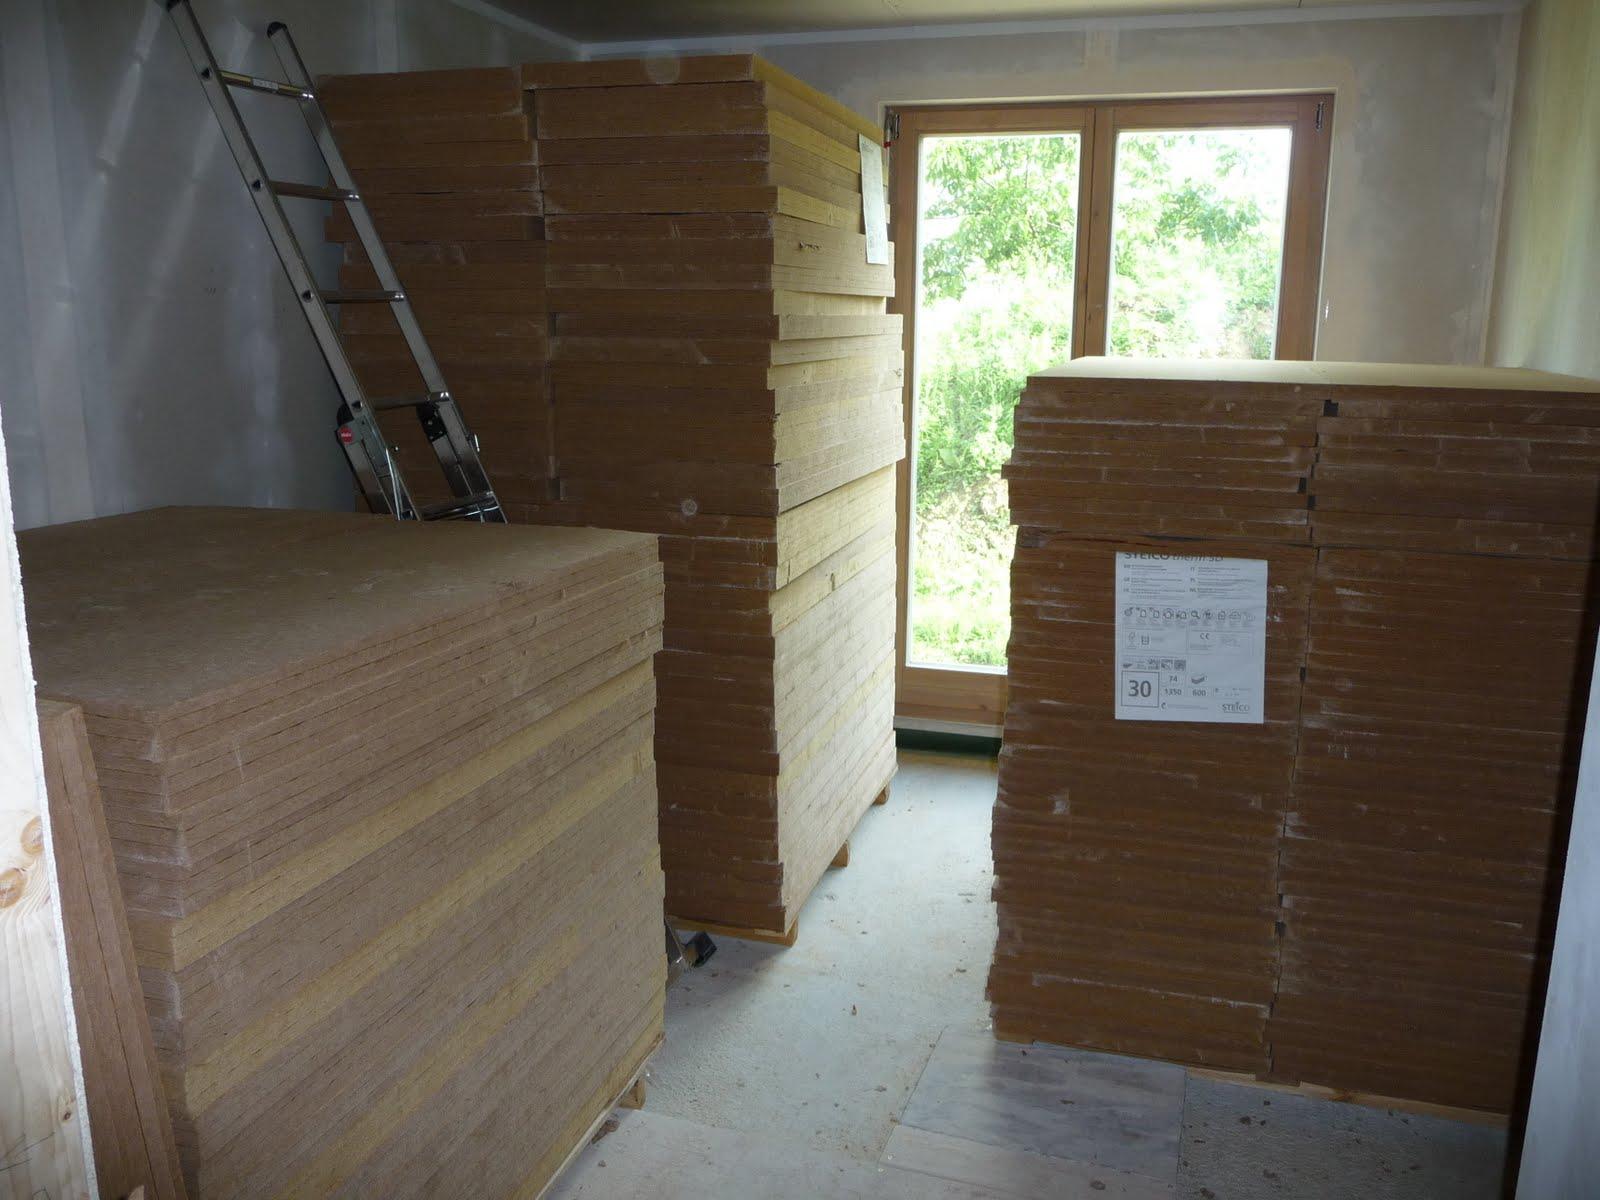 hausbau mit murr holzhaus neuburg d mmung unter estrich. Black Bedroom Furniture Sets. Home Design Ideas